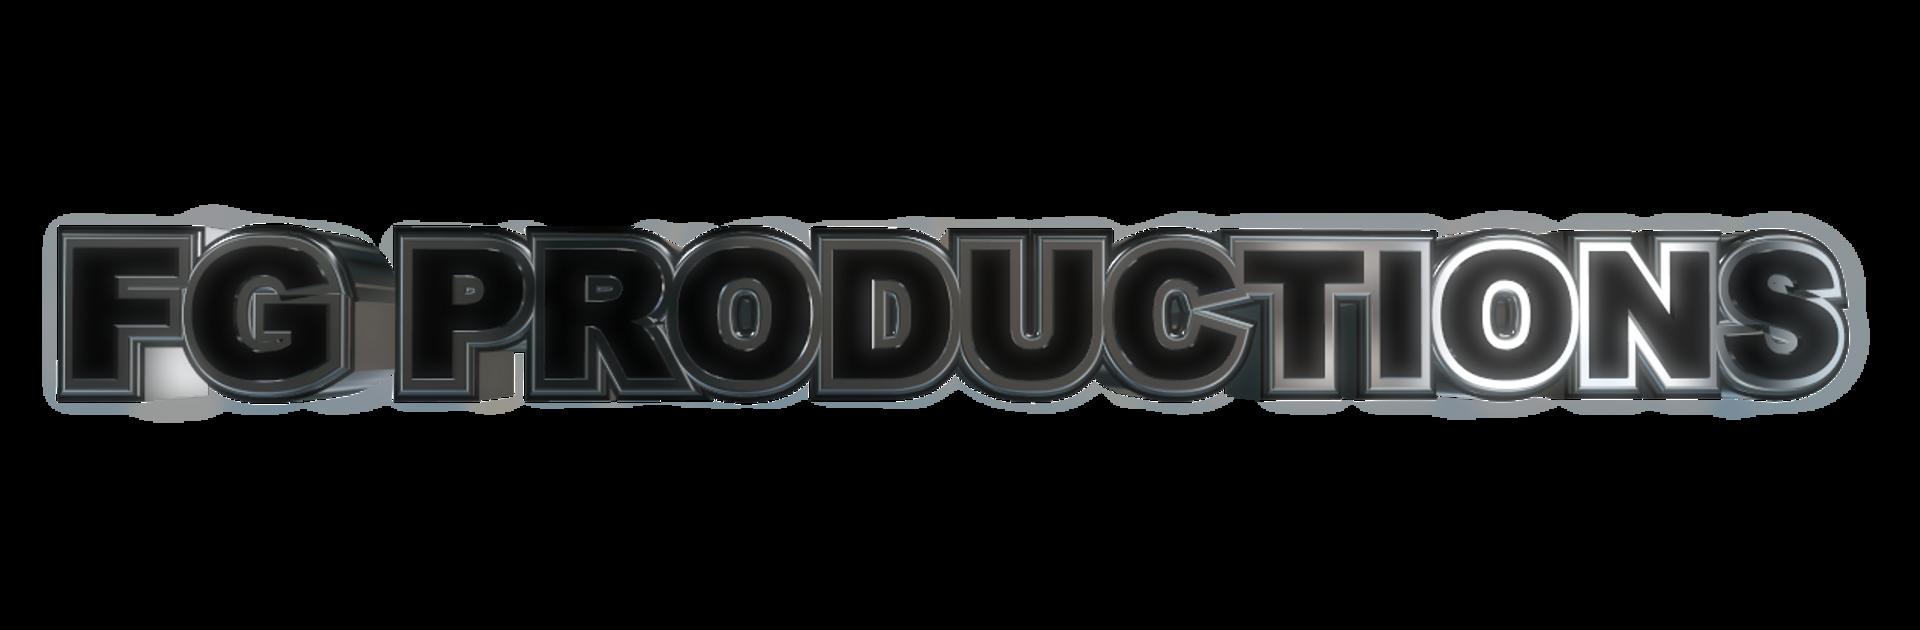 Main FG Productions Logo